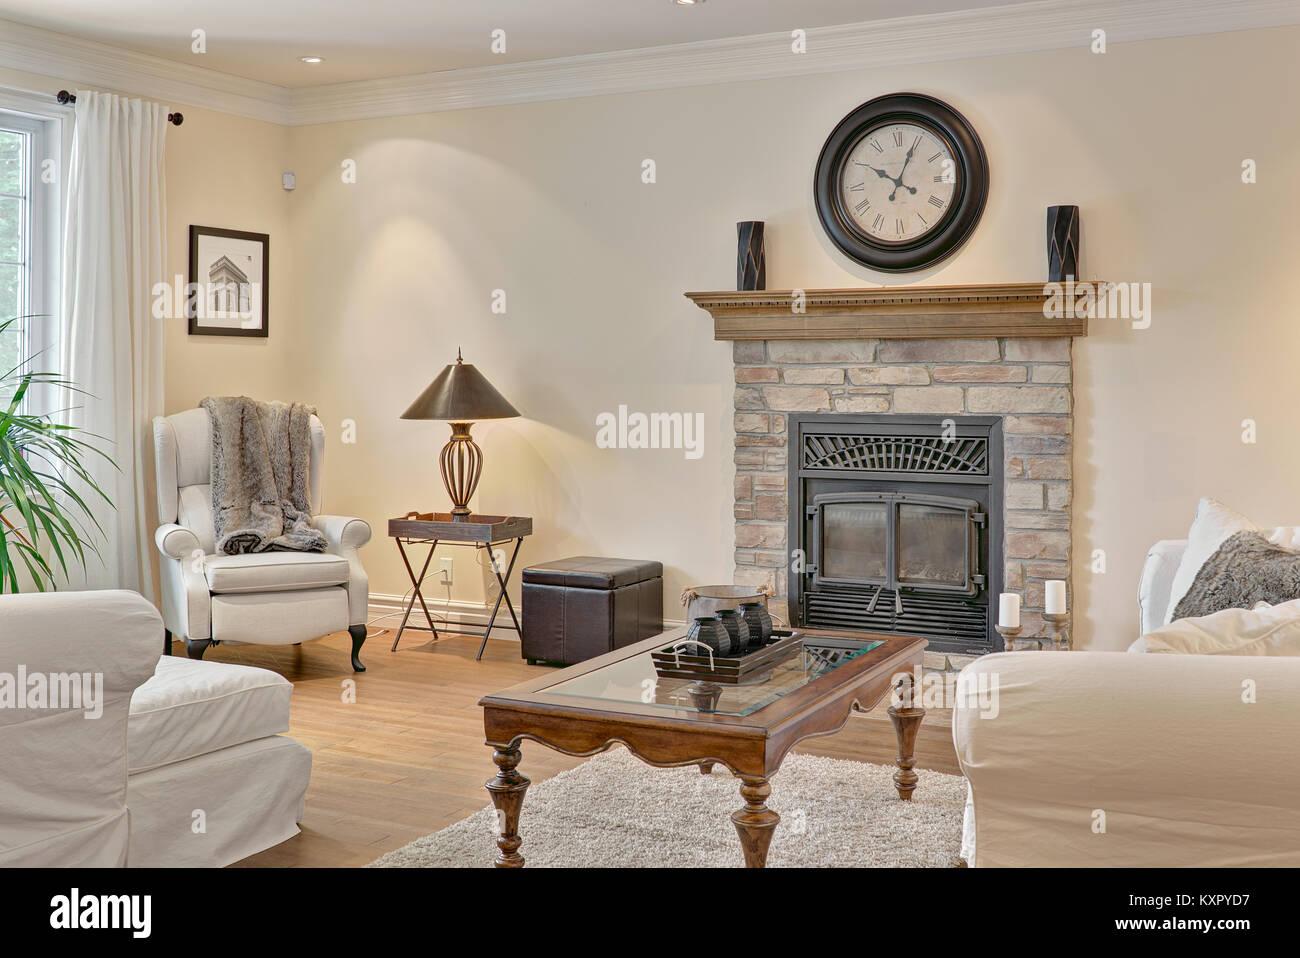 Entspannende Wohnzimmer Mit Kamin Feuerstelle Und Einem Fenster Weissen Mobeln Stuhlen Und Sofas Pflanzen Und Die Uhr Es Waren Mein Wohnzimmer Stockfotografie Alamy